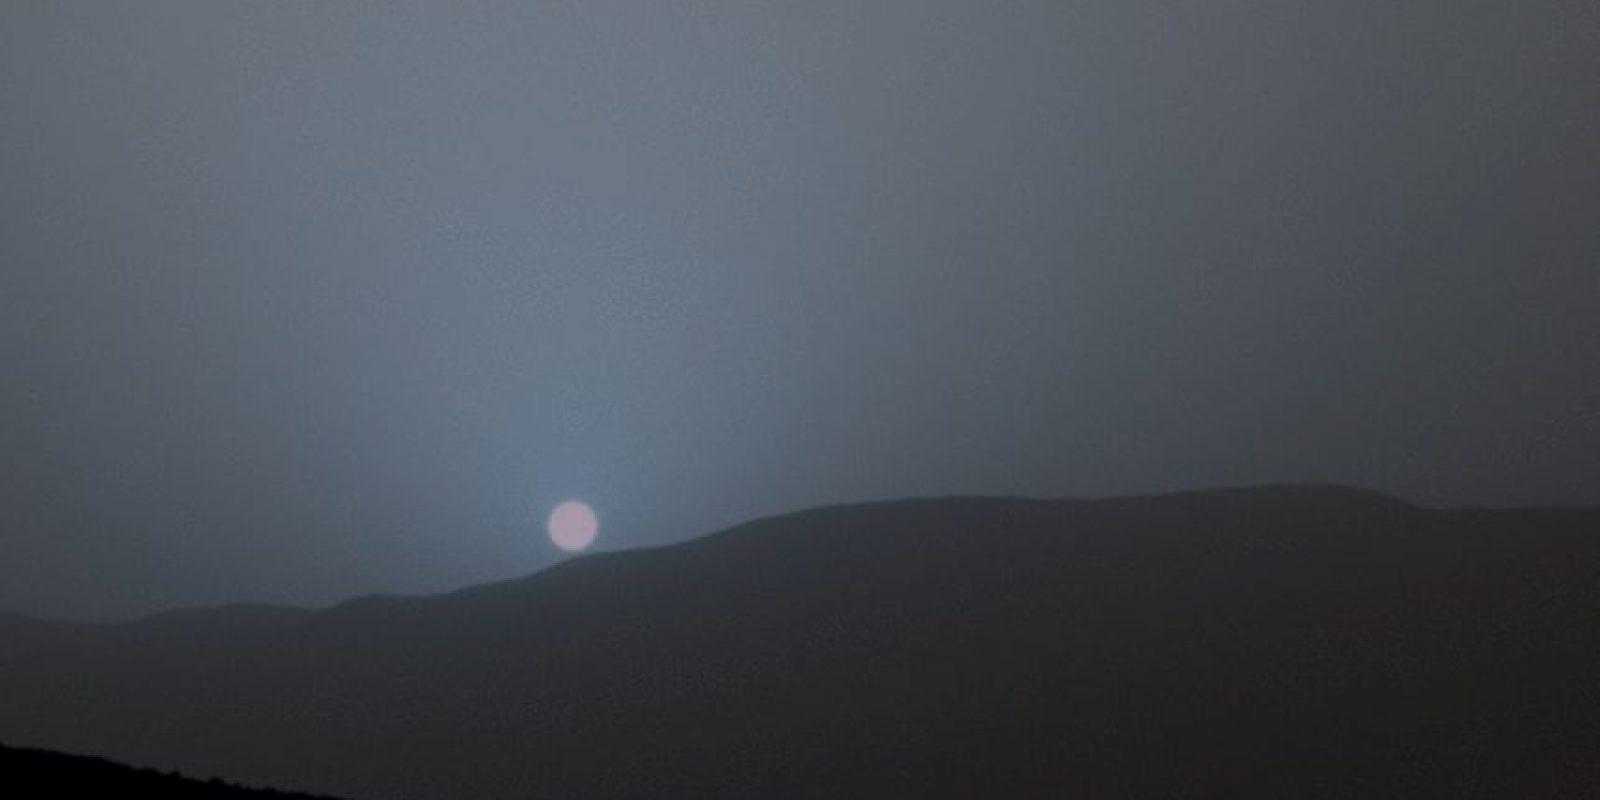 La Mastcam (camará utilizada por Curiosity) capta el color de forma muy similar a como lo hace el ojo humano, aunque es ligeramente menos sensible al azul de lo que somos los humanos. Foto:http://www.nasa.gov